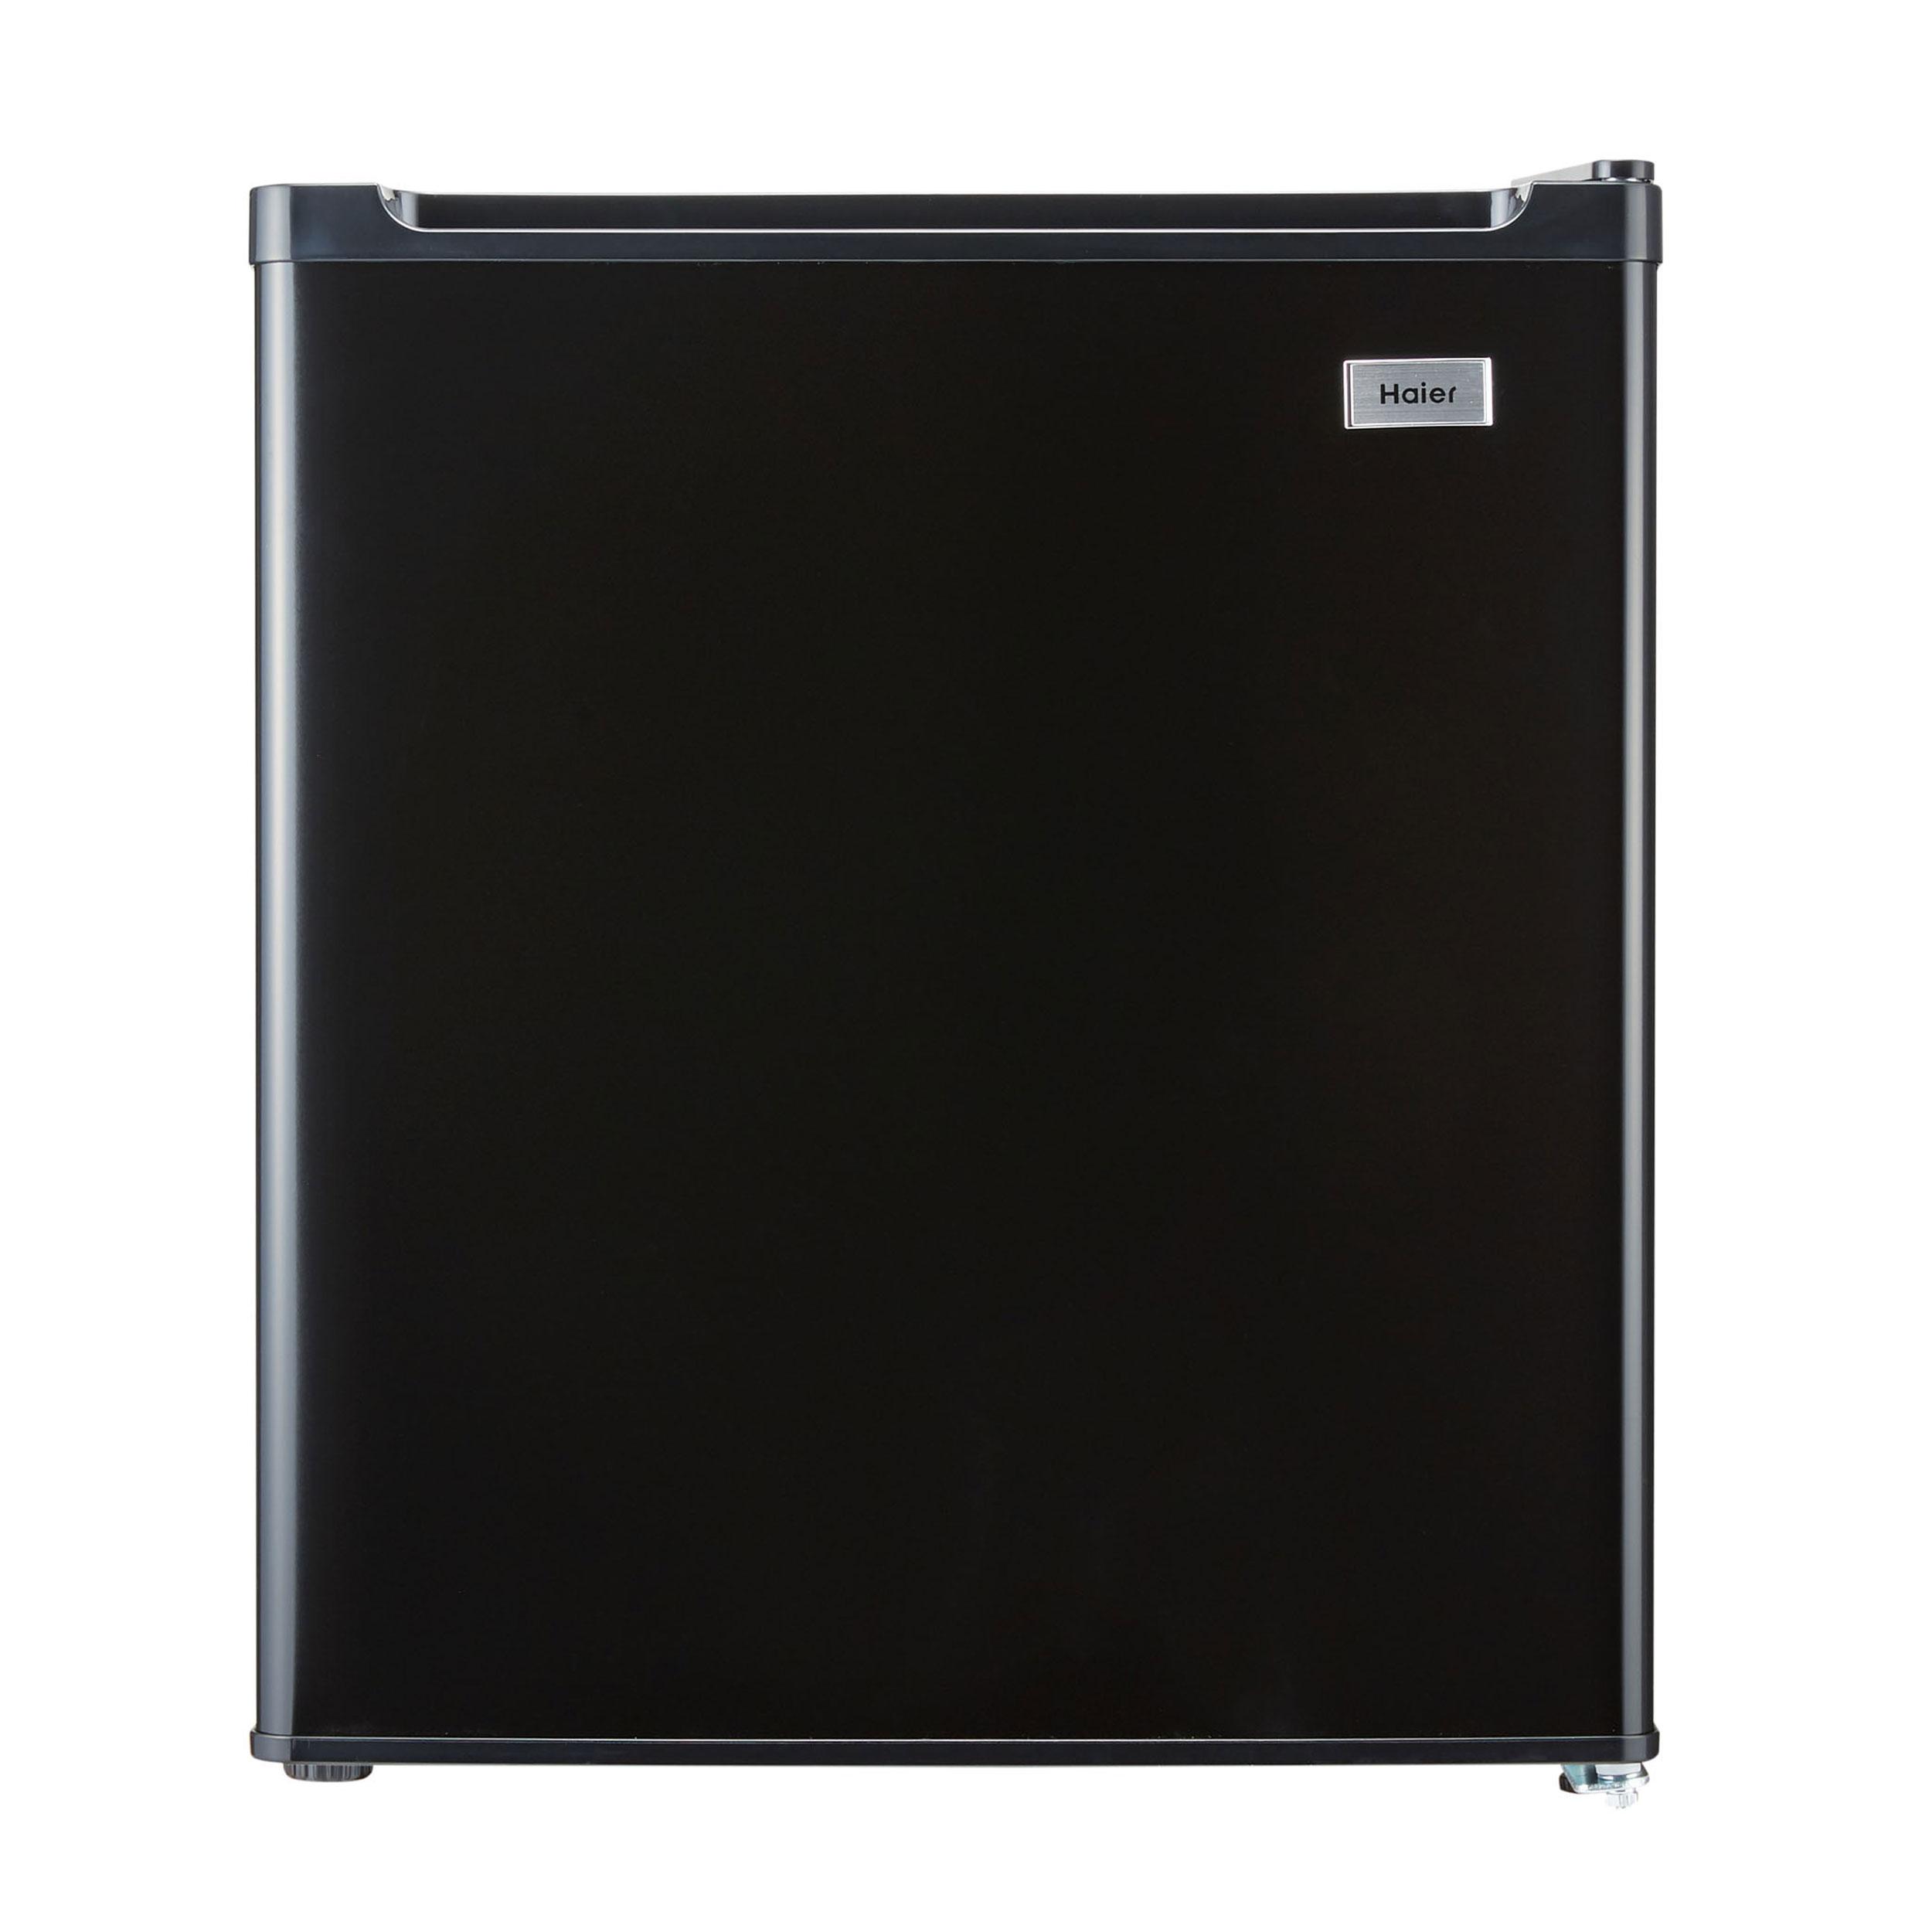 하이얼 소형미니냉장고 46L 자가설치, HRT48MDB(블랙)